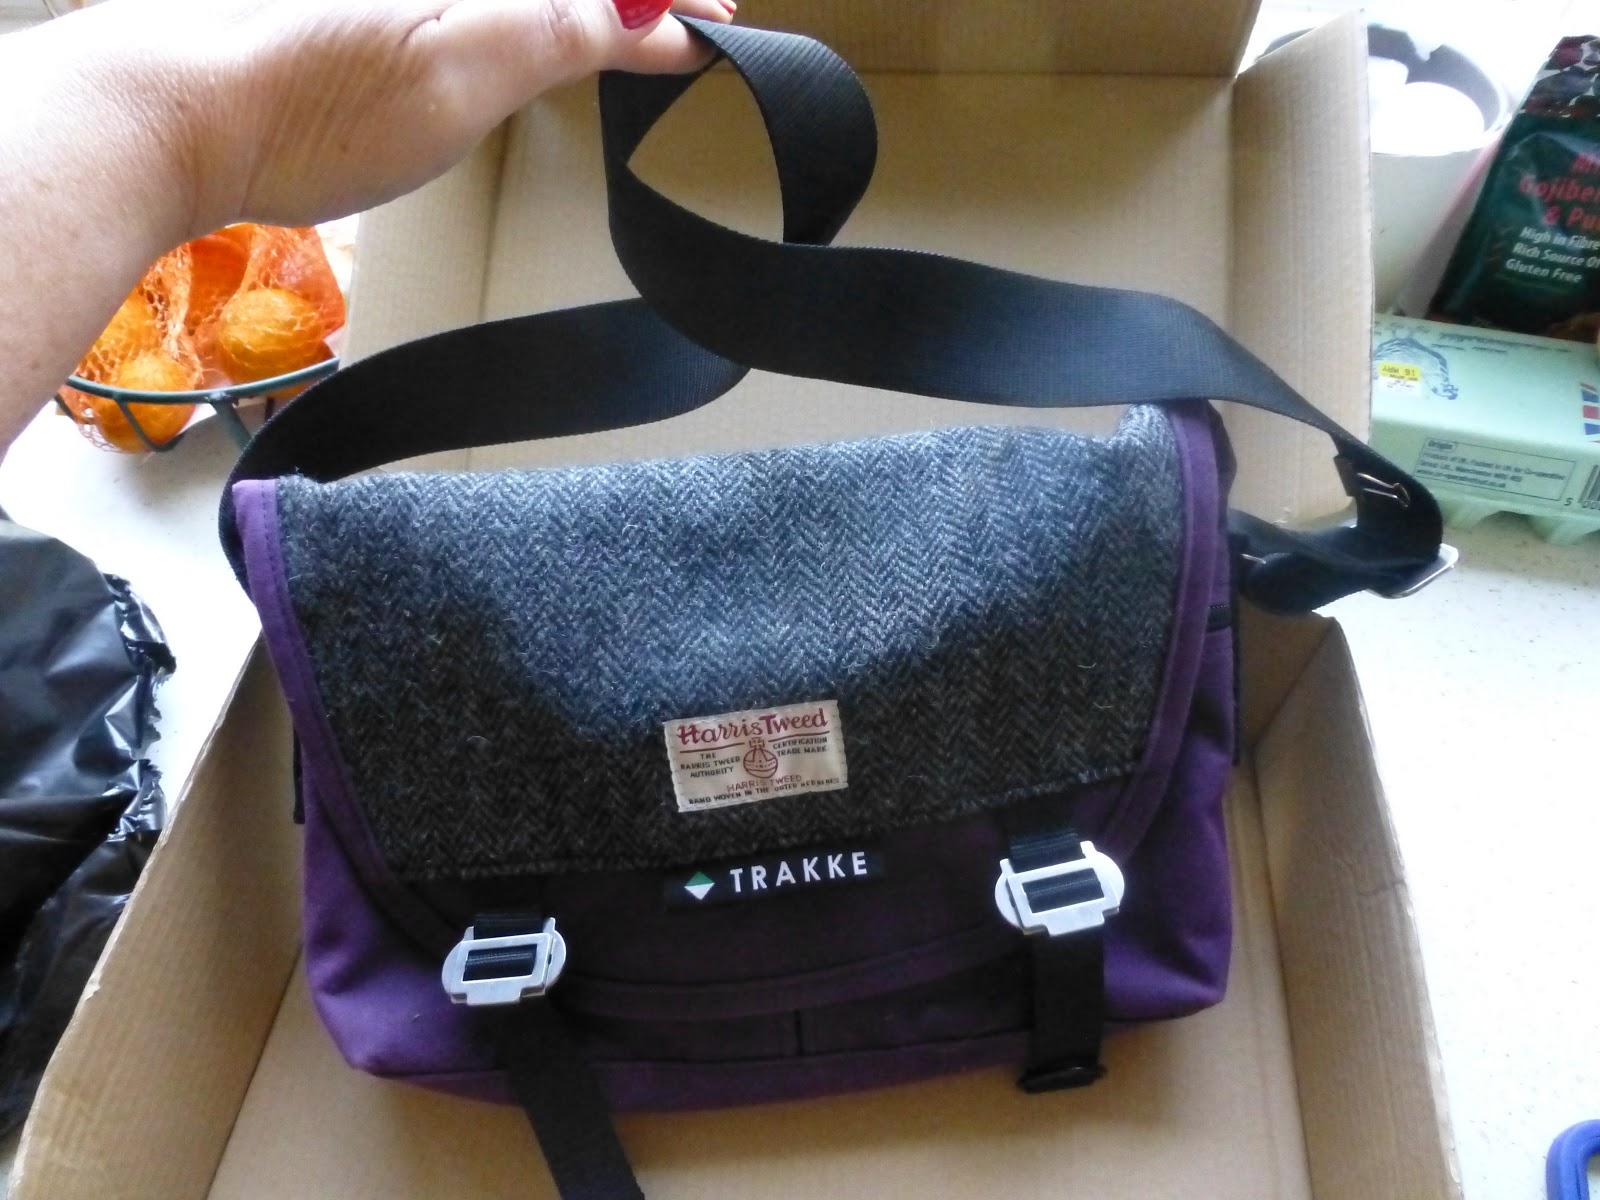 f3e91f16ae06 velovoice  Update  TRAKKE BAIRN messenger bag